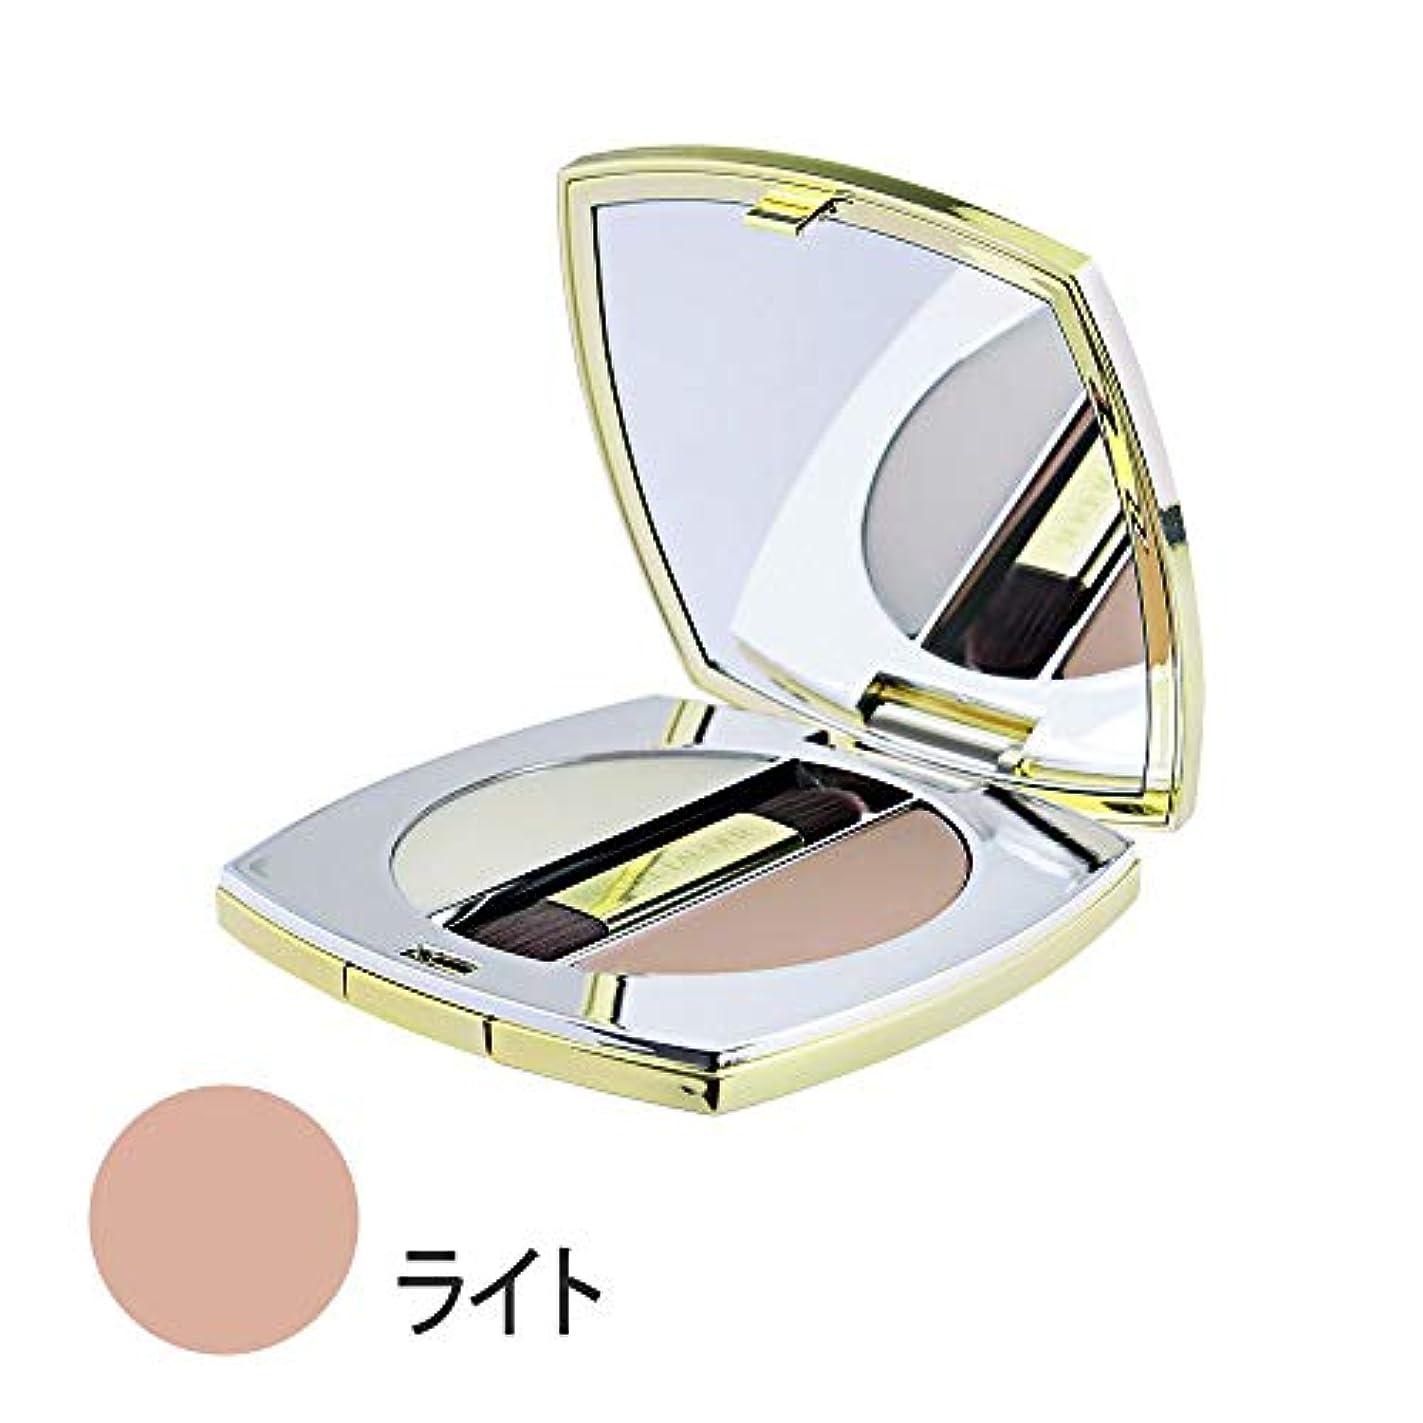 自動車錫怒る'Re-Nutriv' Ultra Radiance Concealer/Smoothing Base (Light) [並行輸入品]